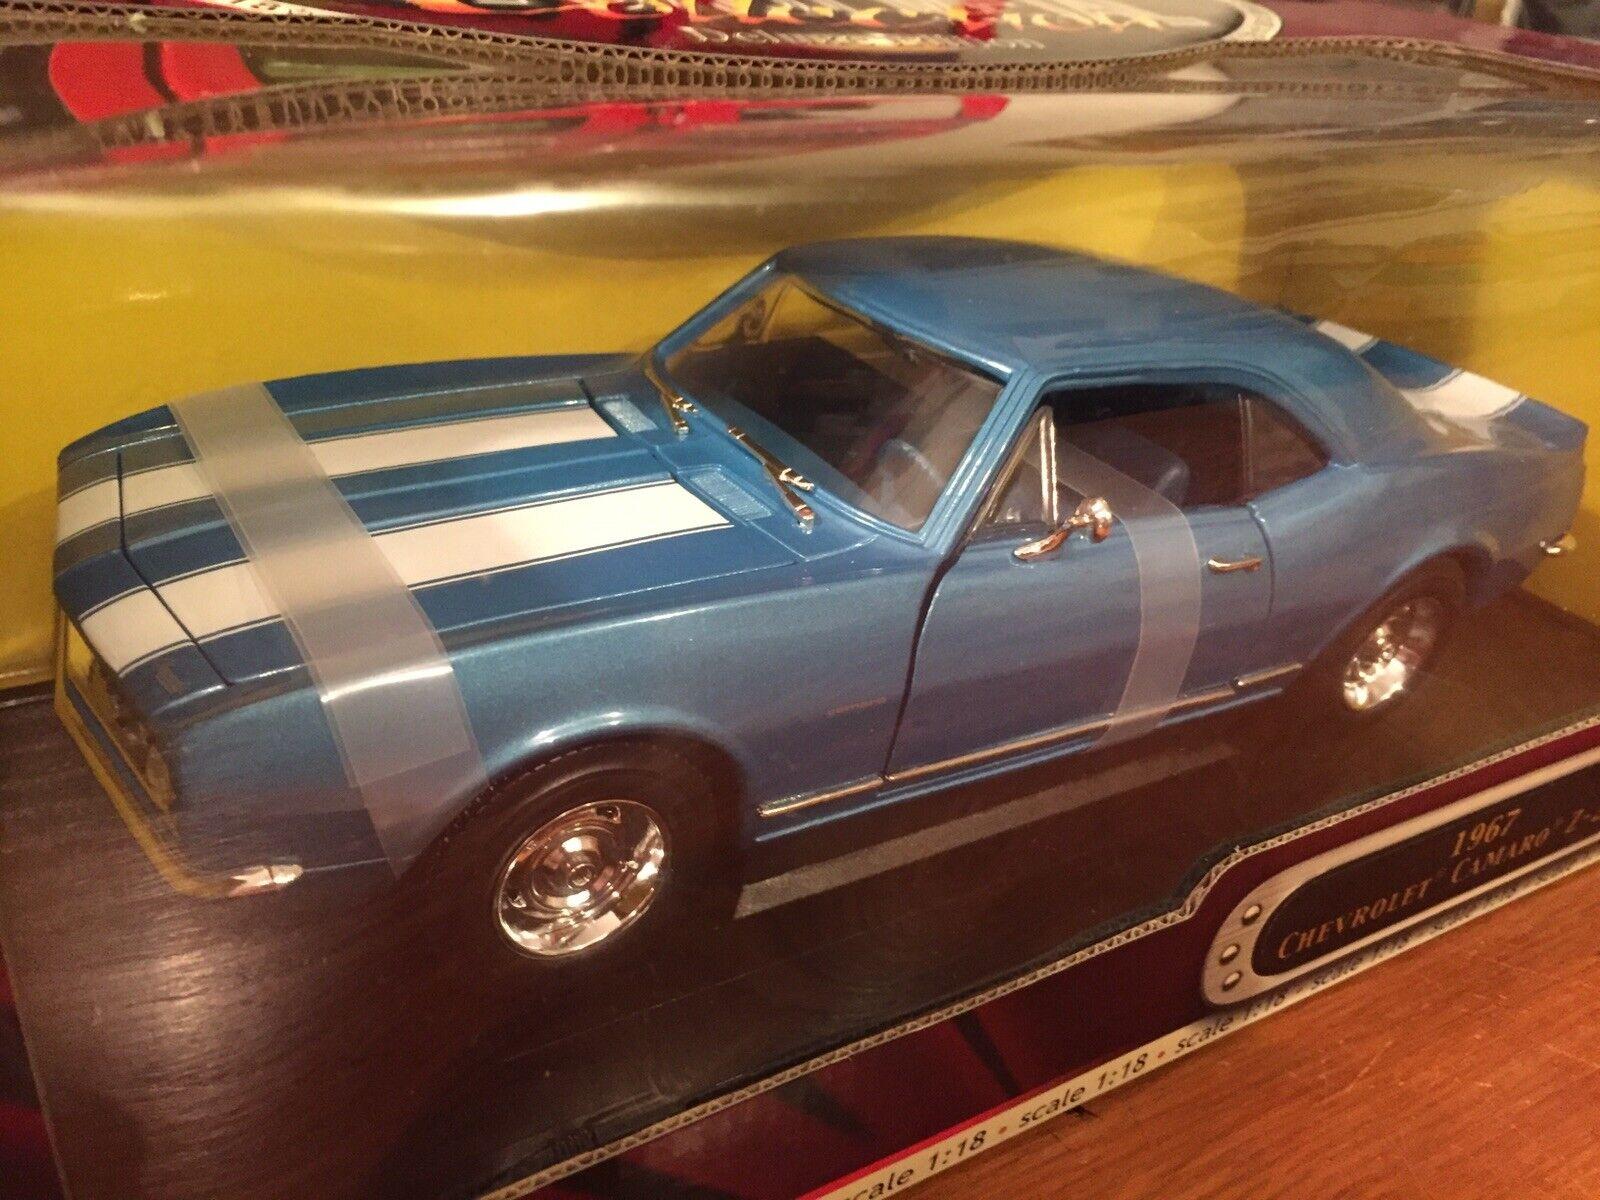 deportes calientes Road Legends 1 18 1967 Chevy Camaro Z Z Z 28 92188 artículo  Entrega gratuita y rápida disponible.